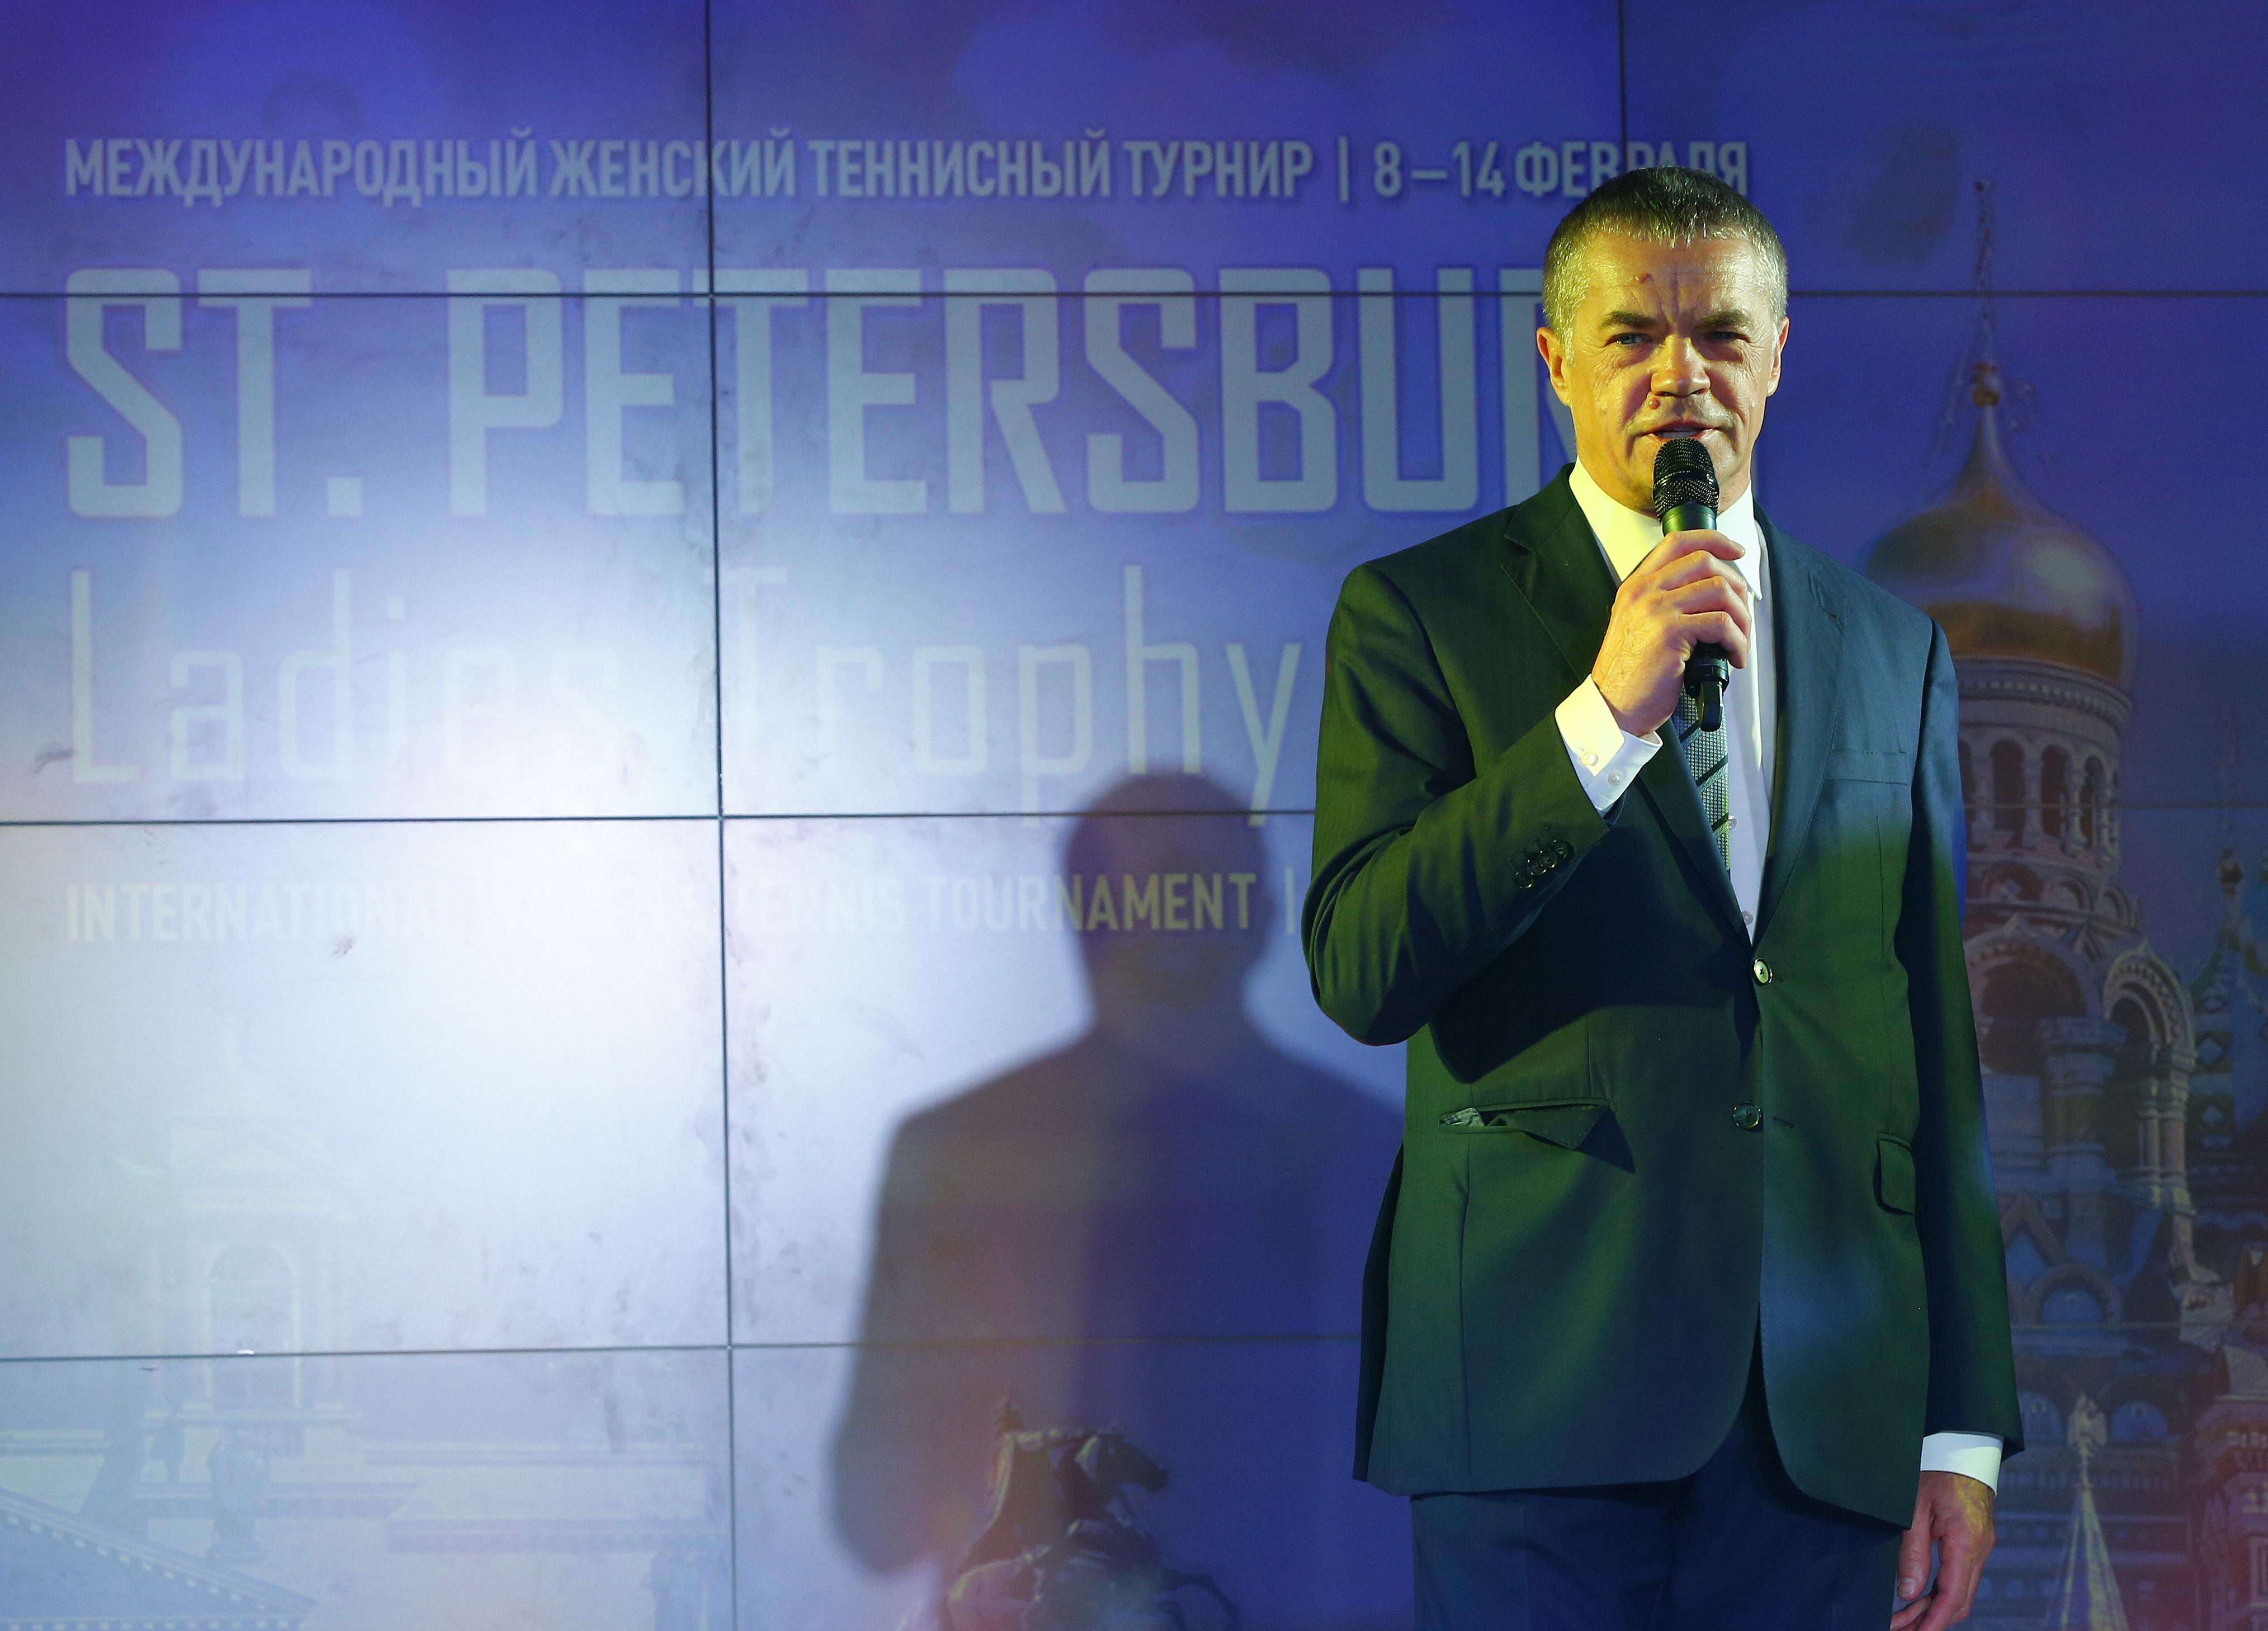 Александр Медведев, генеральный директор туринира